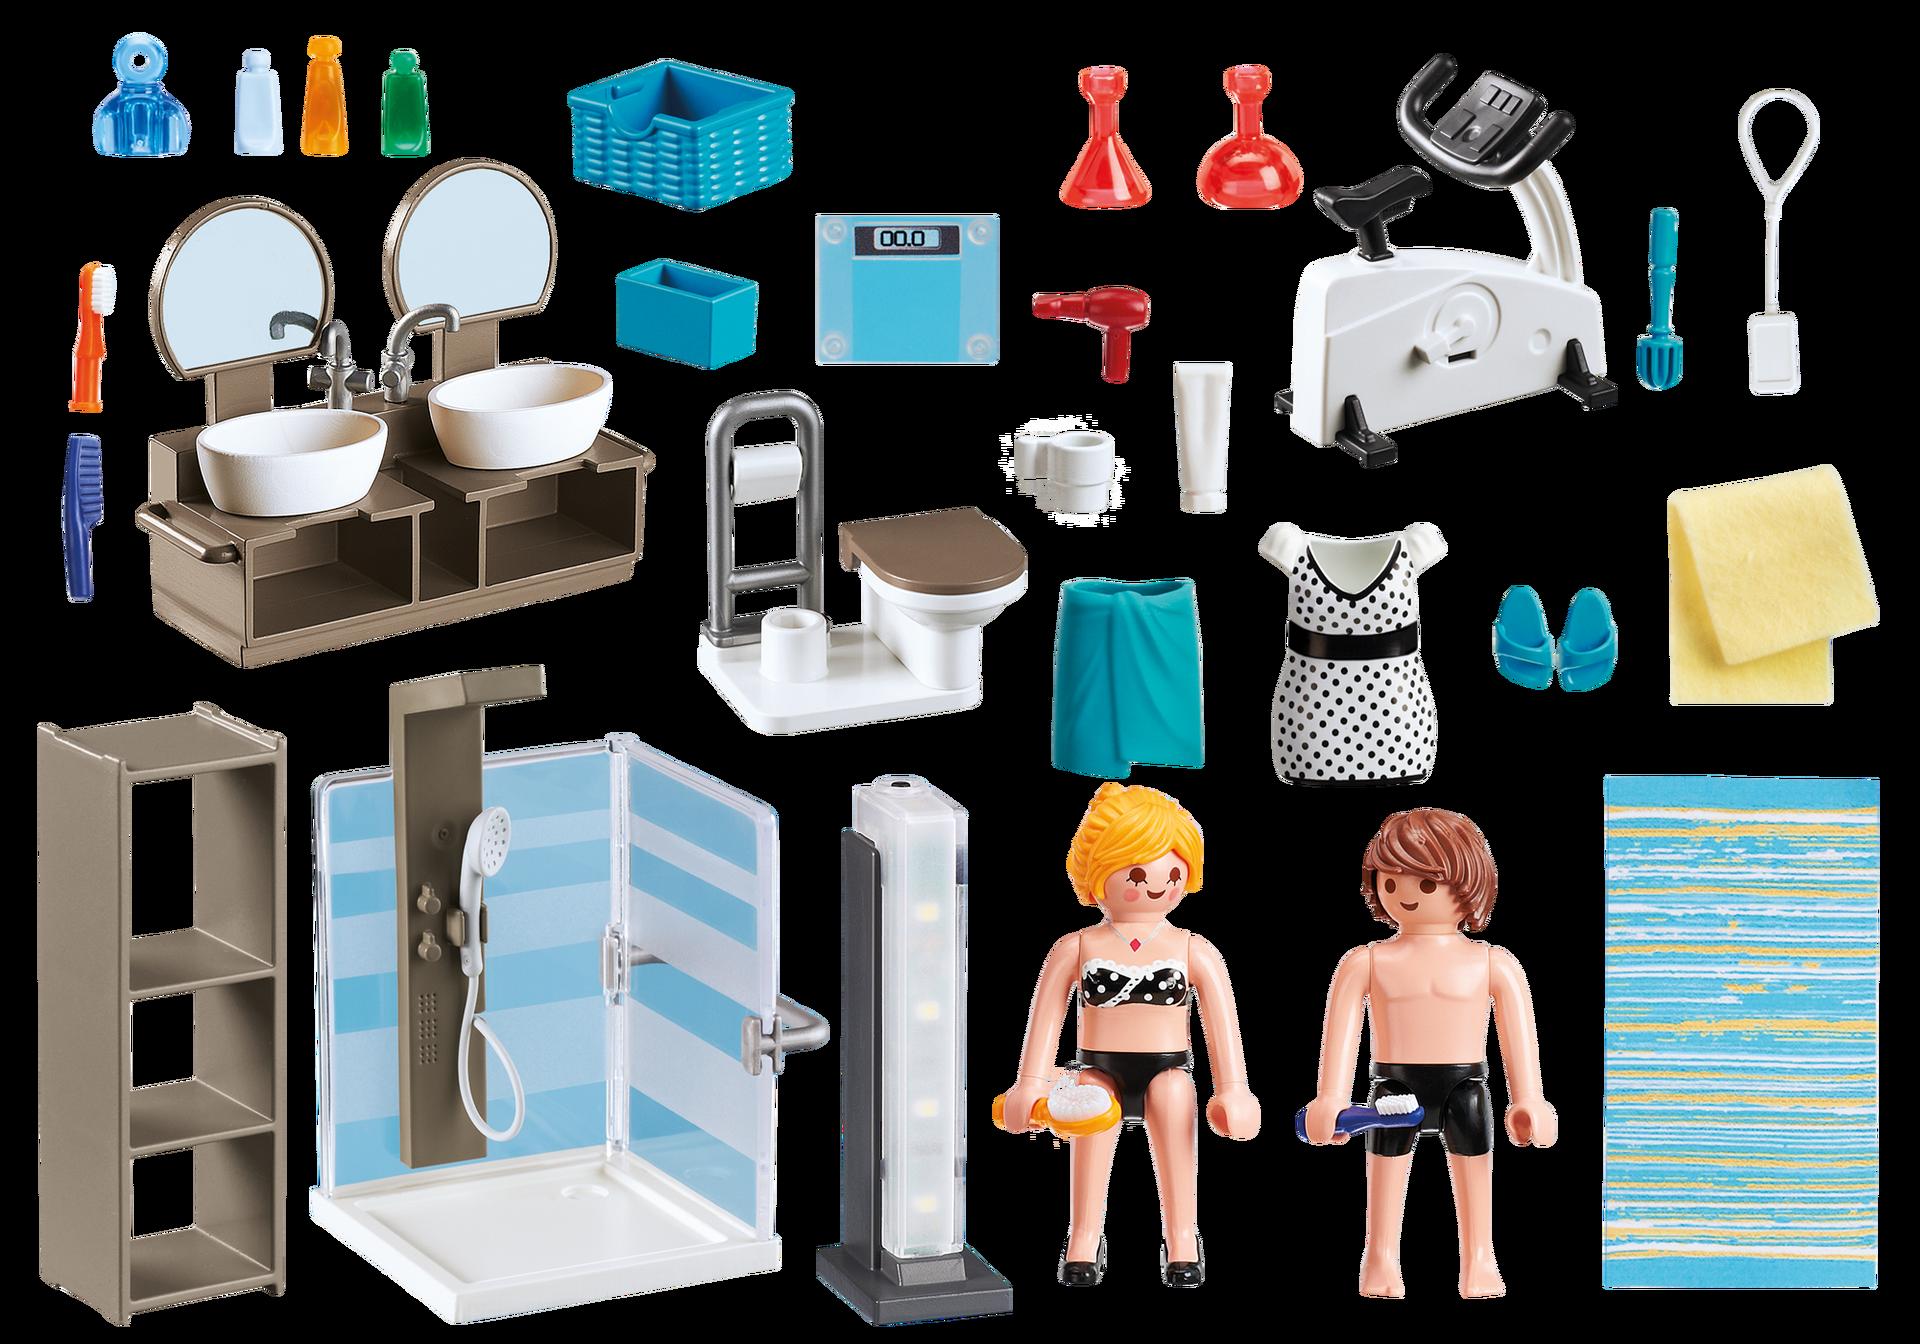 Accessoires pour la salle de bain Playmobil 9268